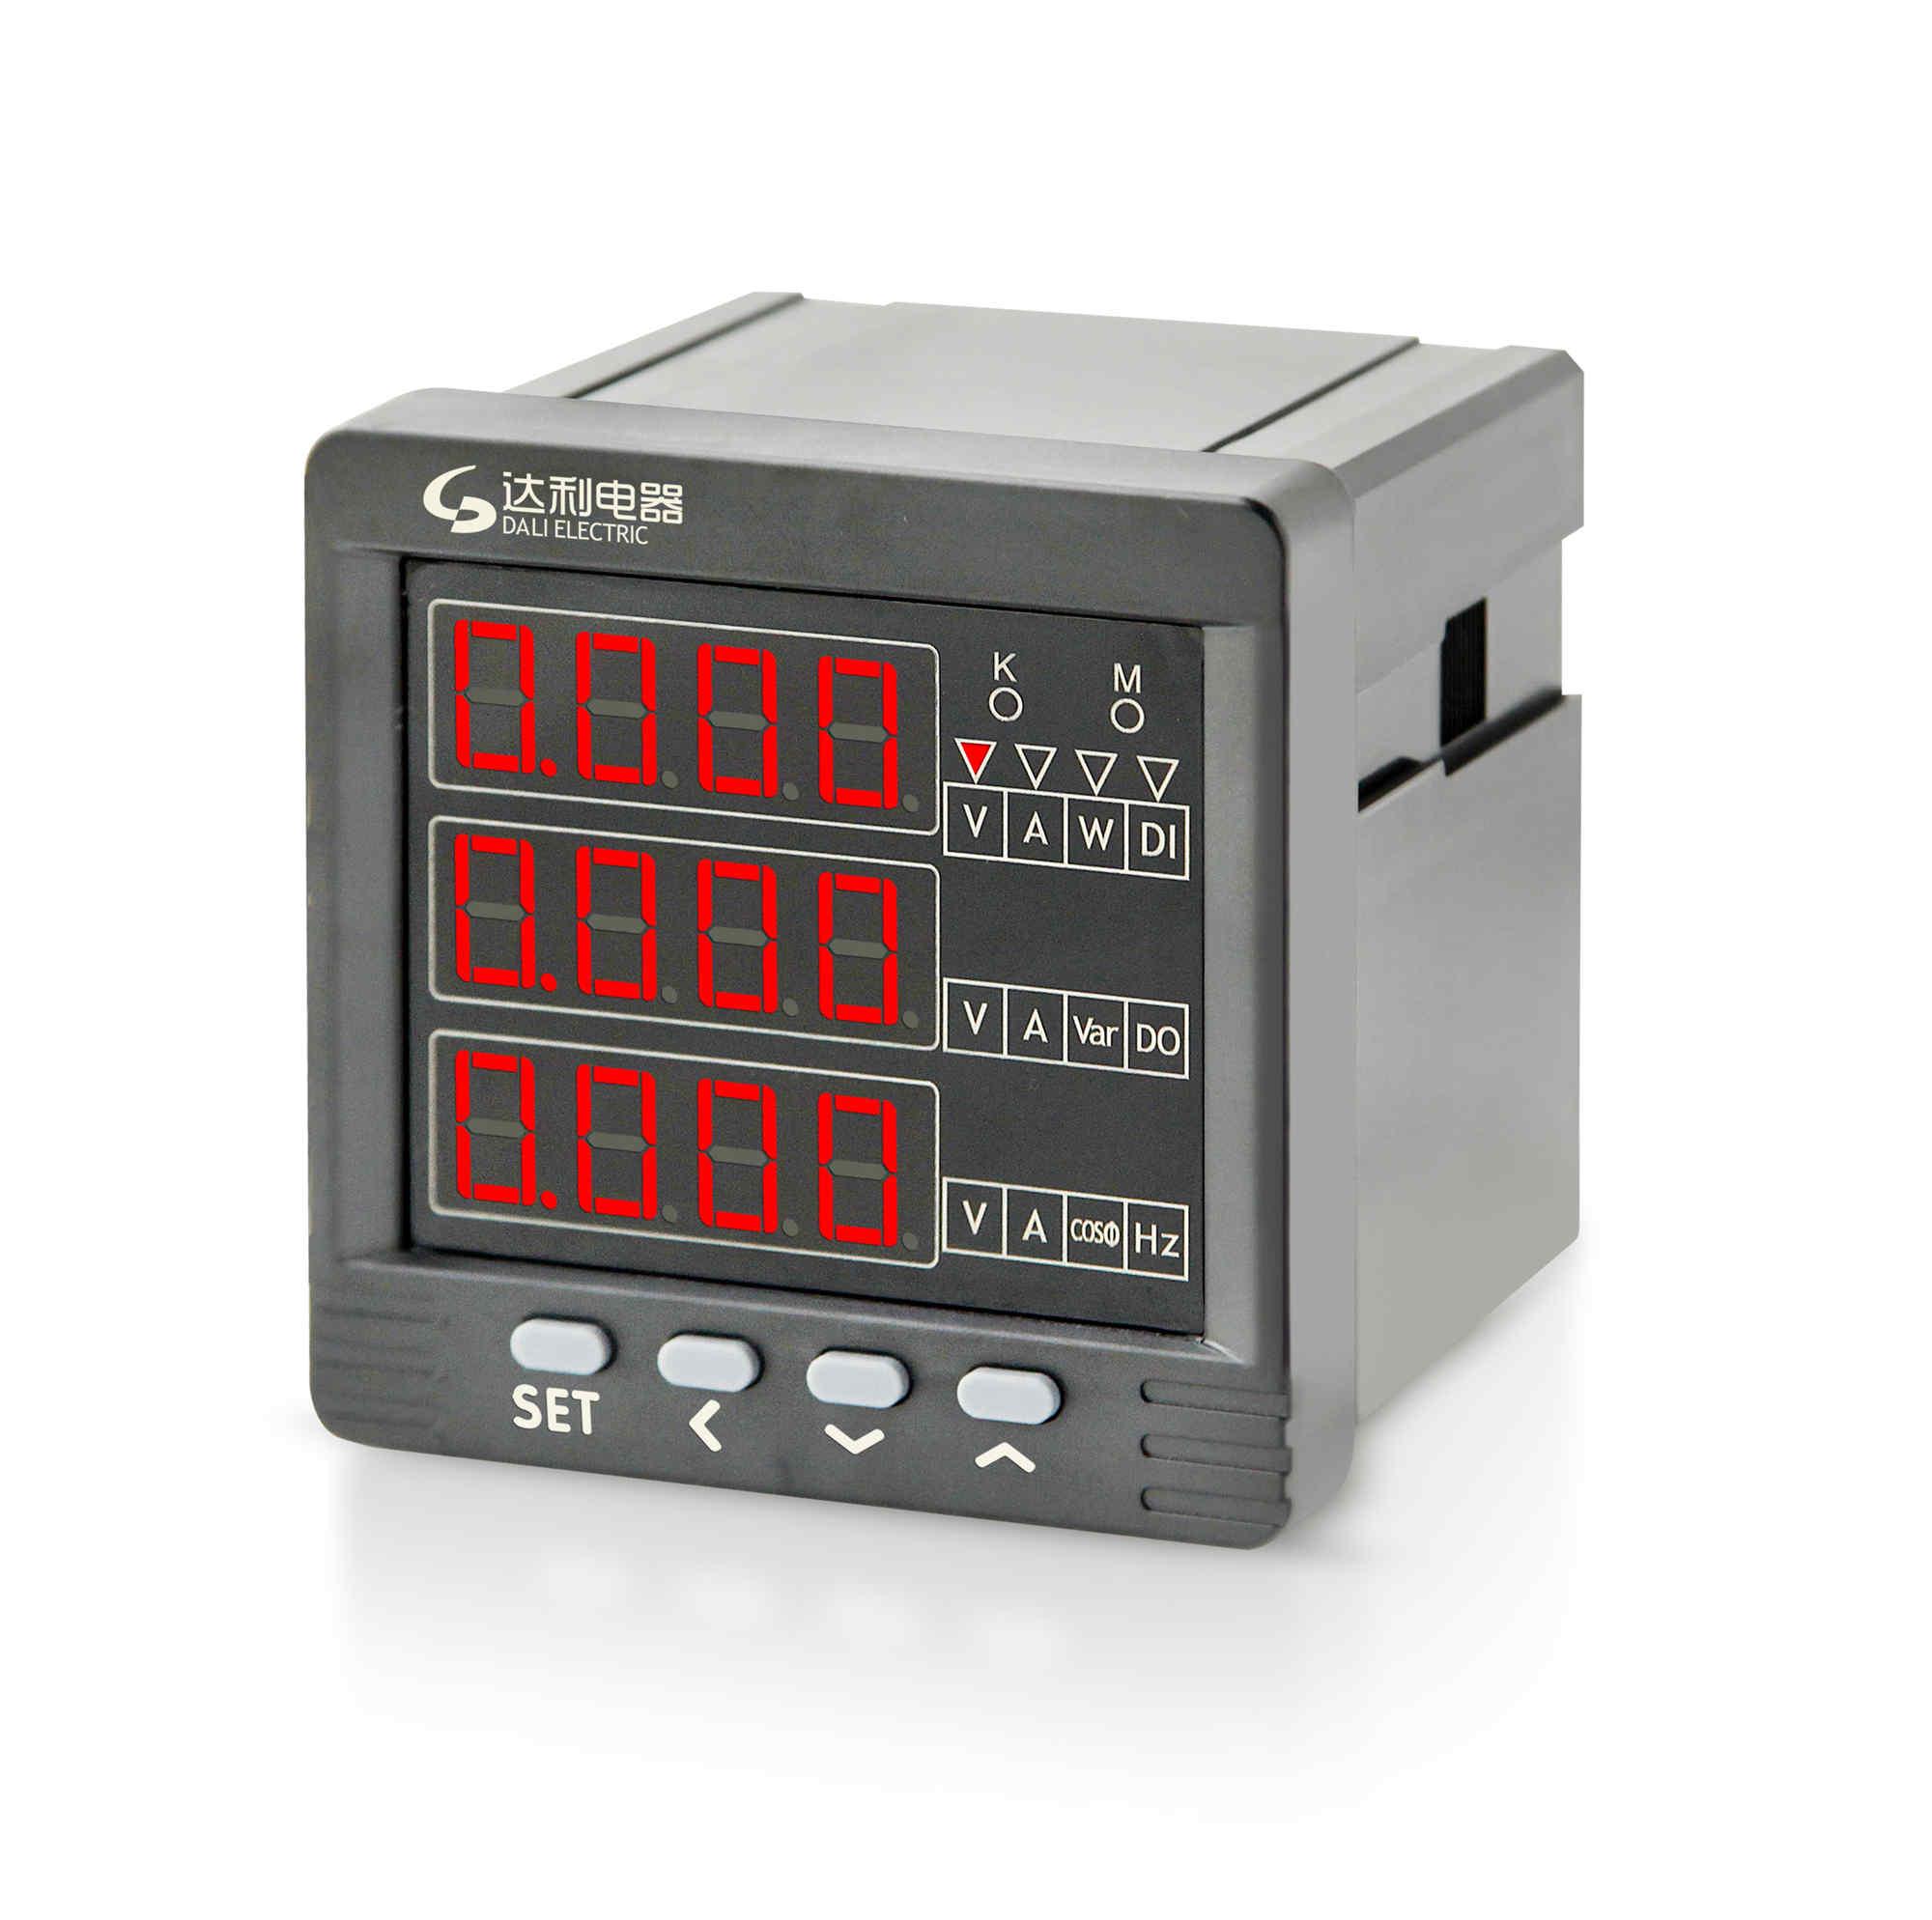 牡丹江东安RTH11-20F-C智能型温湿度控制器怎么代理?